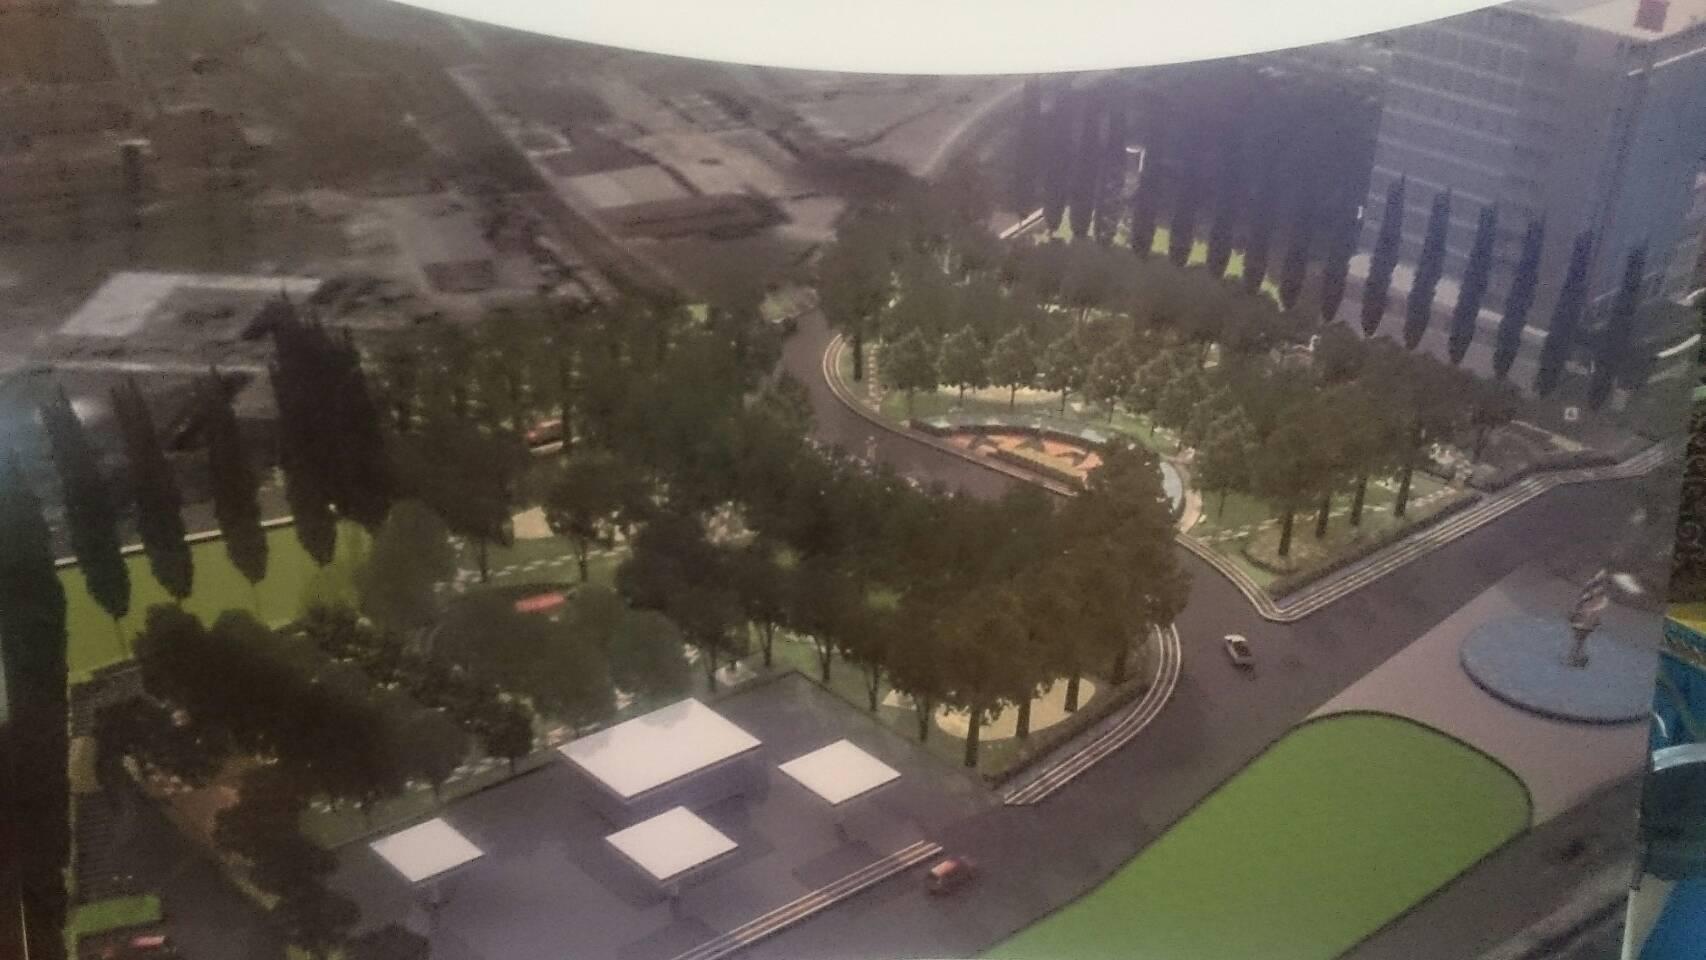 Ruang Terbuka Hijau Pekanbaru Rth Putri Kaca Mayang Kota